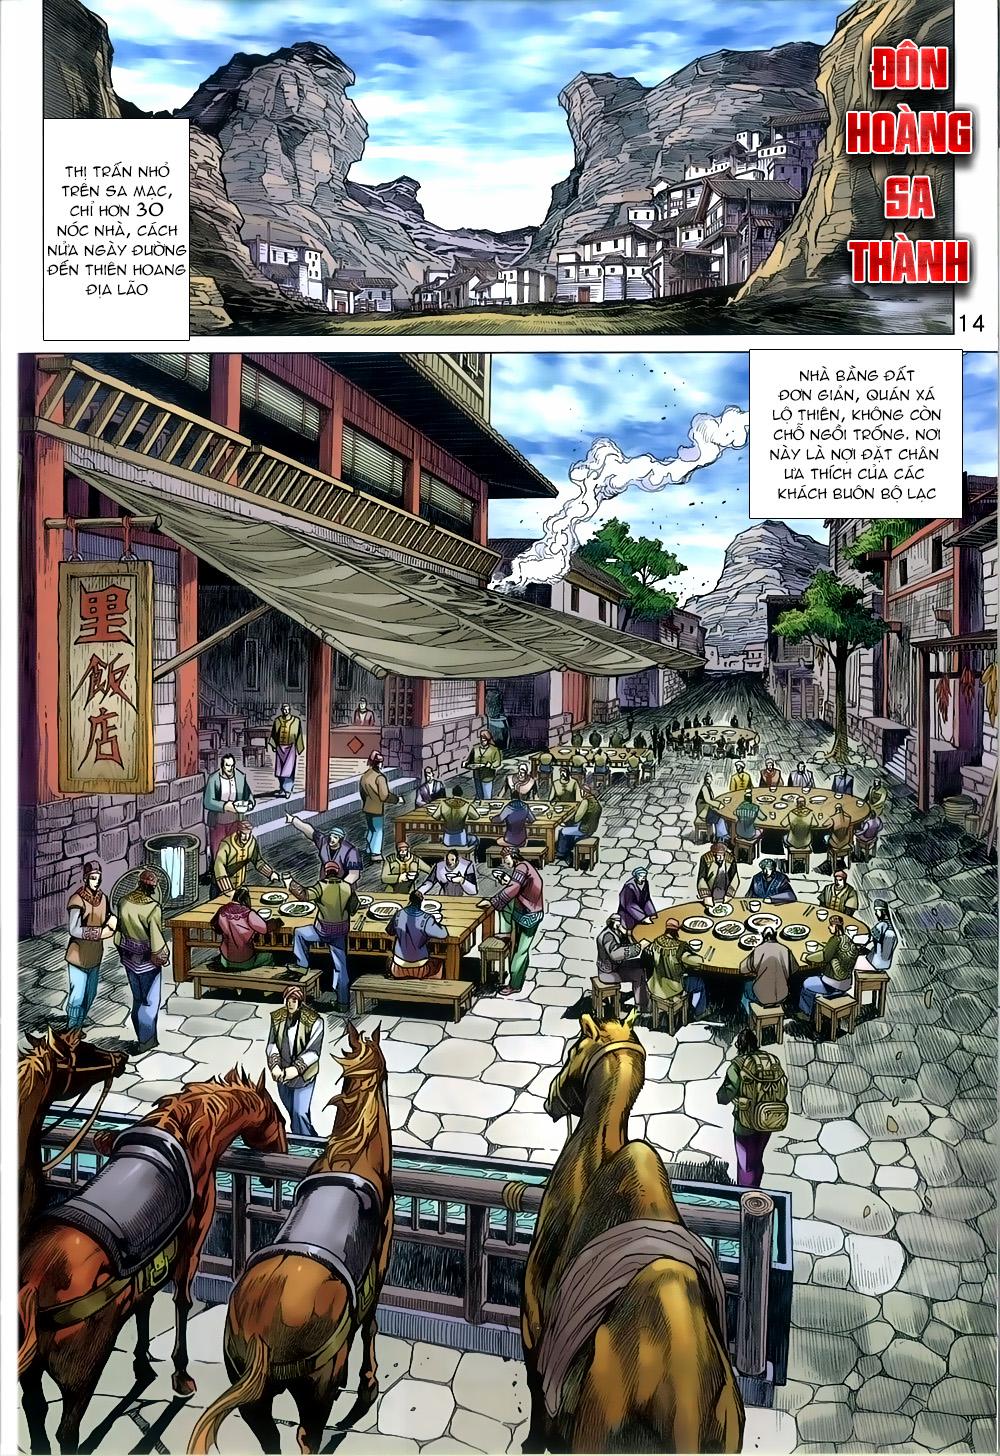 Tân Tác Long Hổ Môn chap 812 Trang 14 - Mangak.info